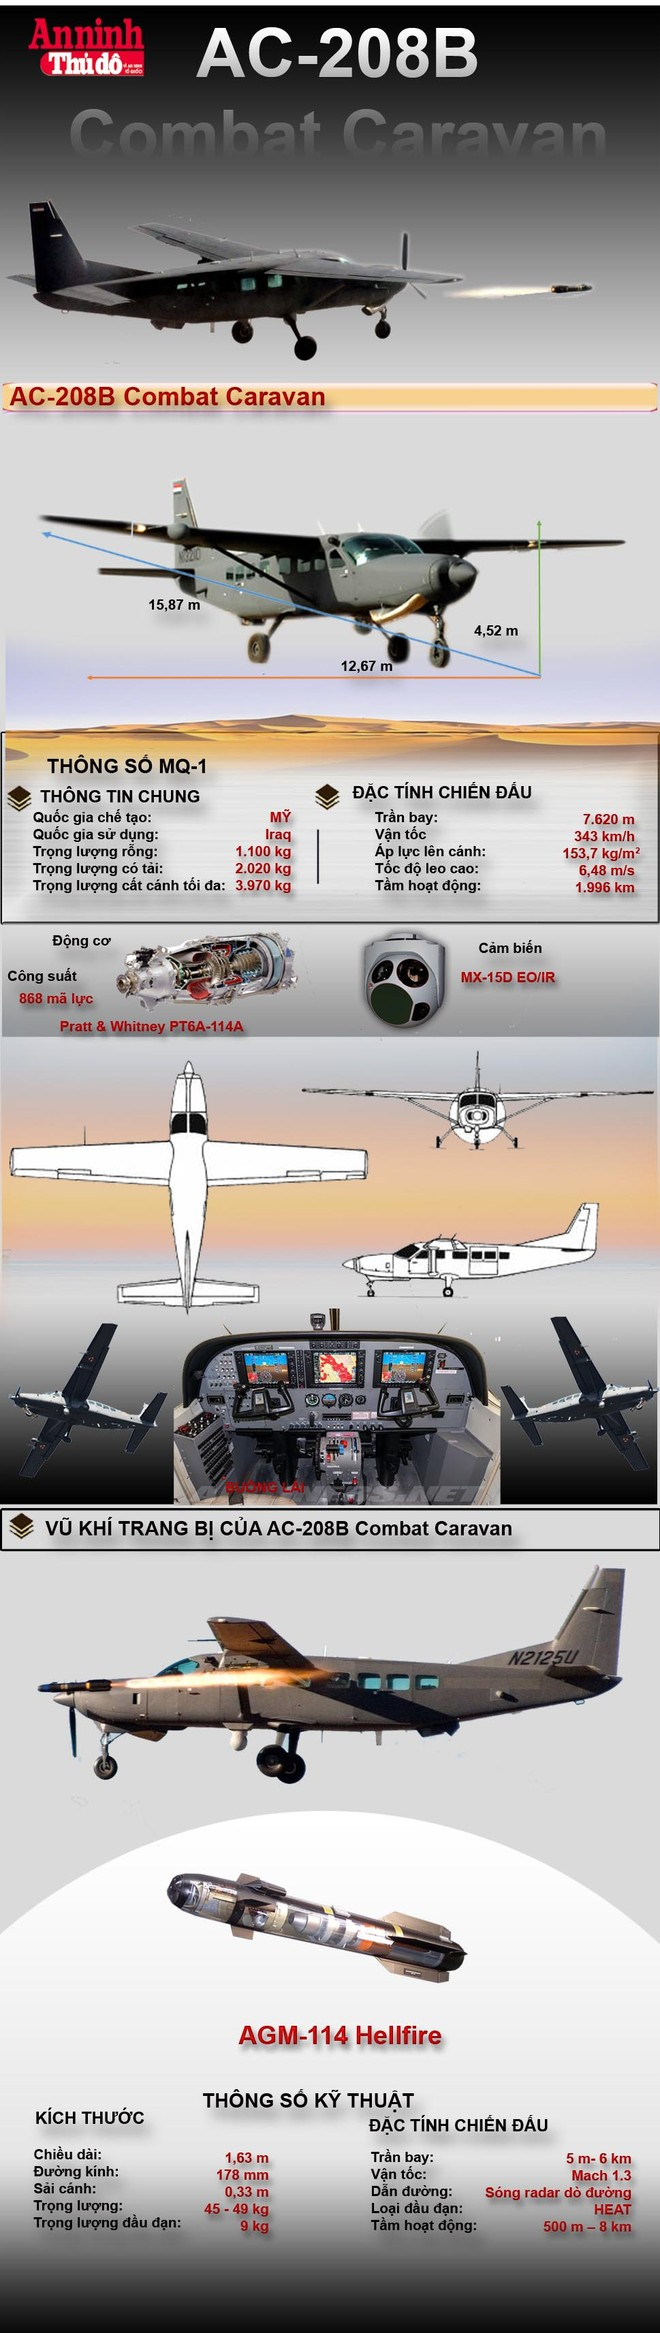 [Infographic] Sức mạnh cường kích AC-208B Combat Caravan của Iraq bị IS bắn rơi ảnh 1